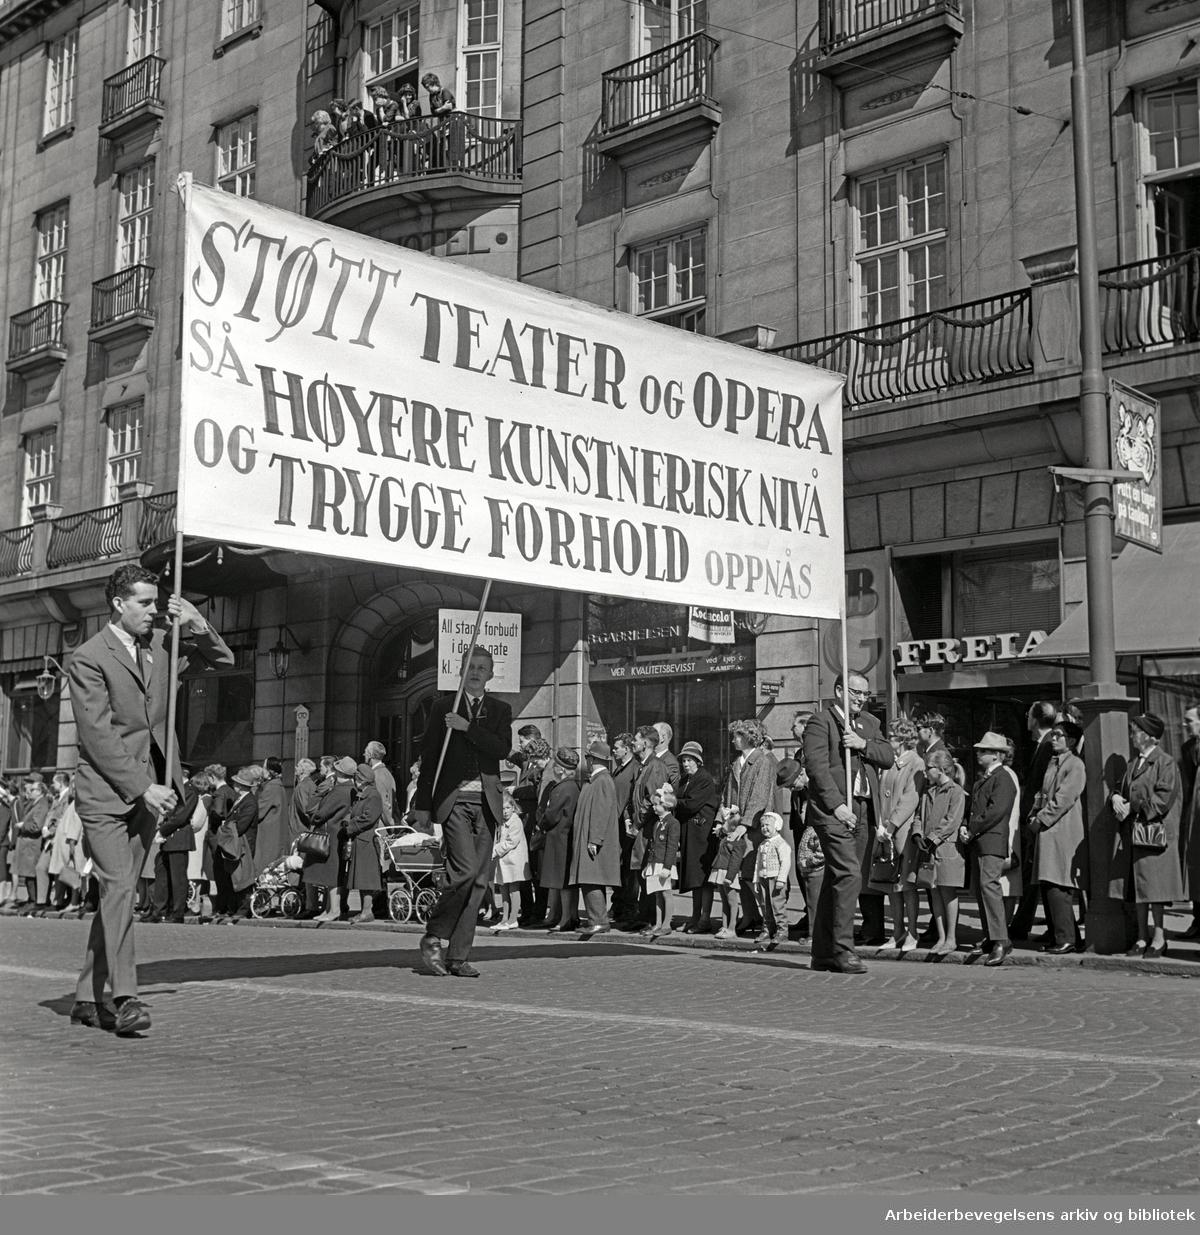 1. mai 1965 i Oslo.Demonstrasjonstoget i Karl Johans gate.Parole: Støtt teater og opera så høyere kunstnerisk nivå og trygge forhold oppnås